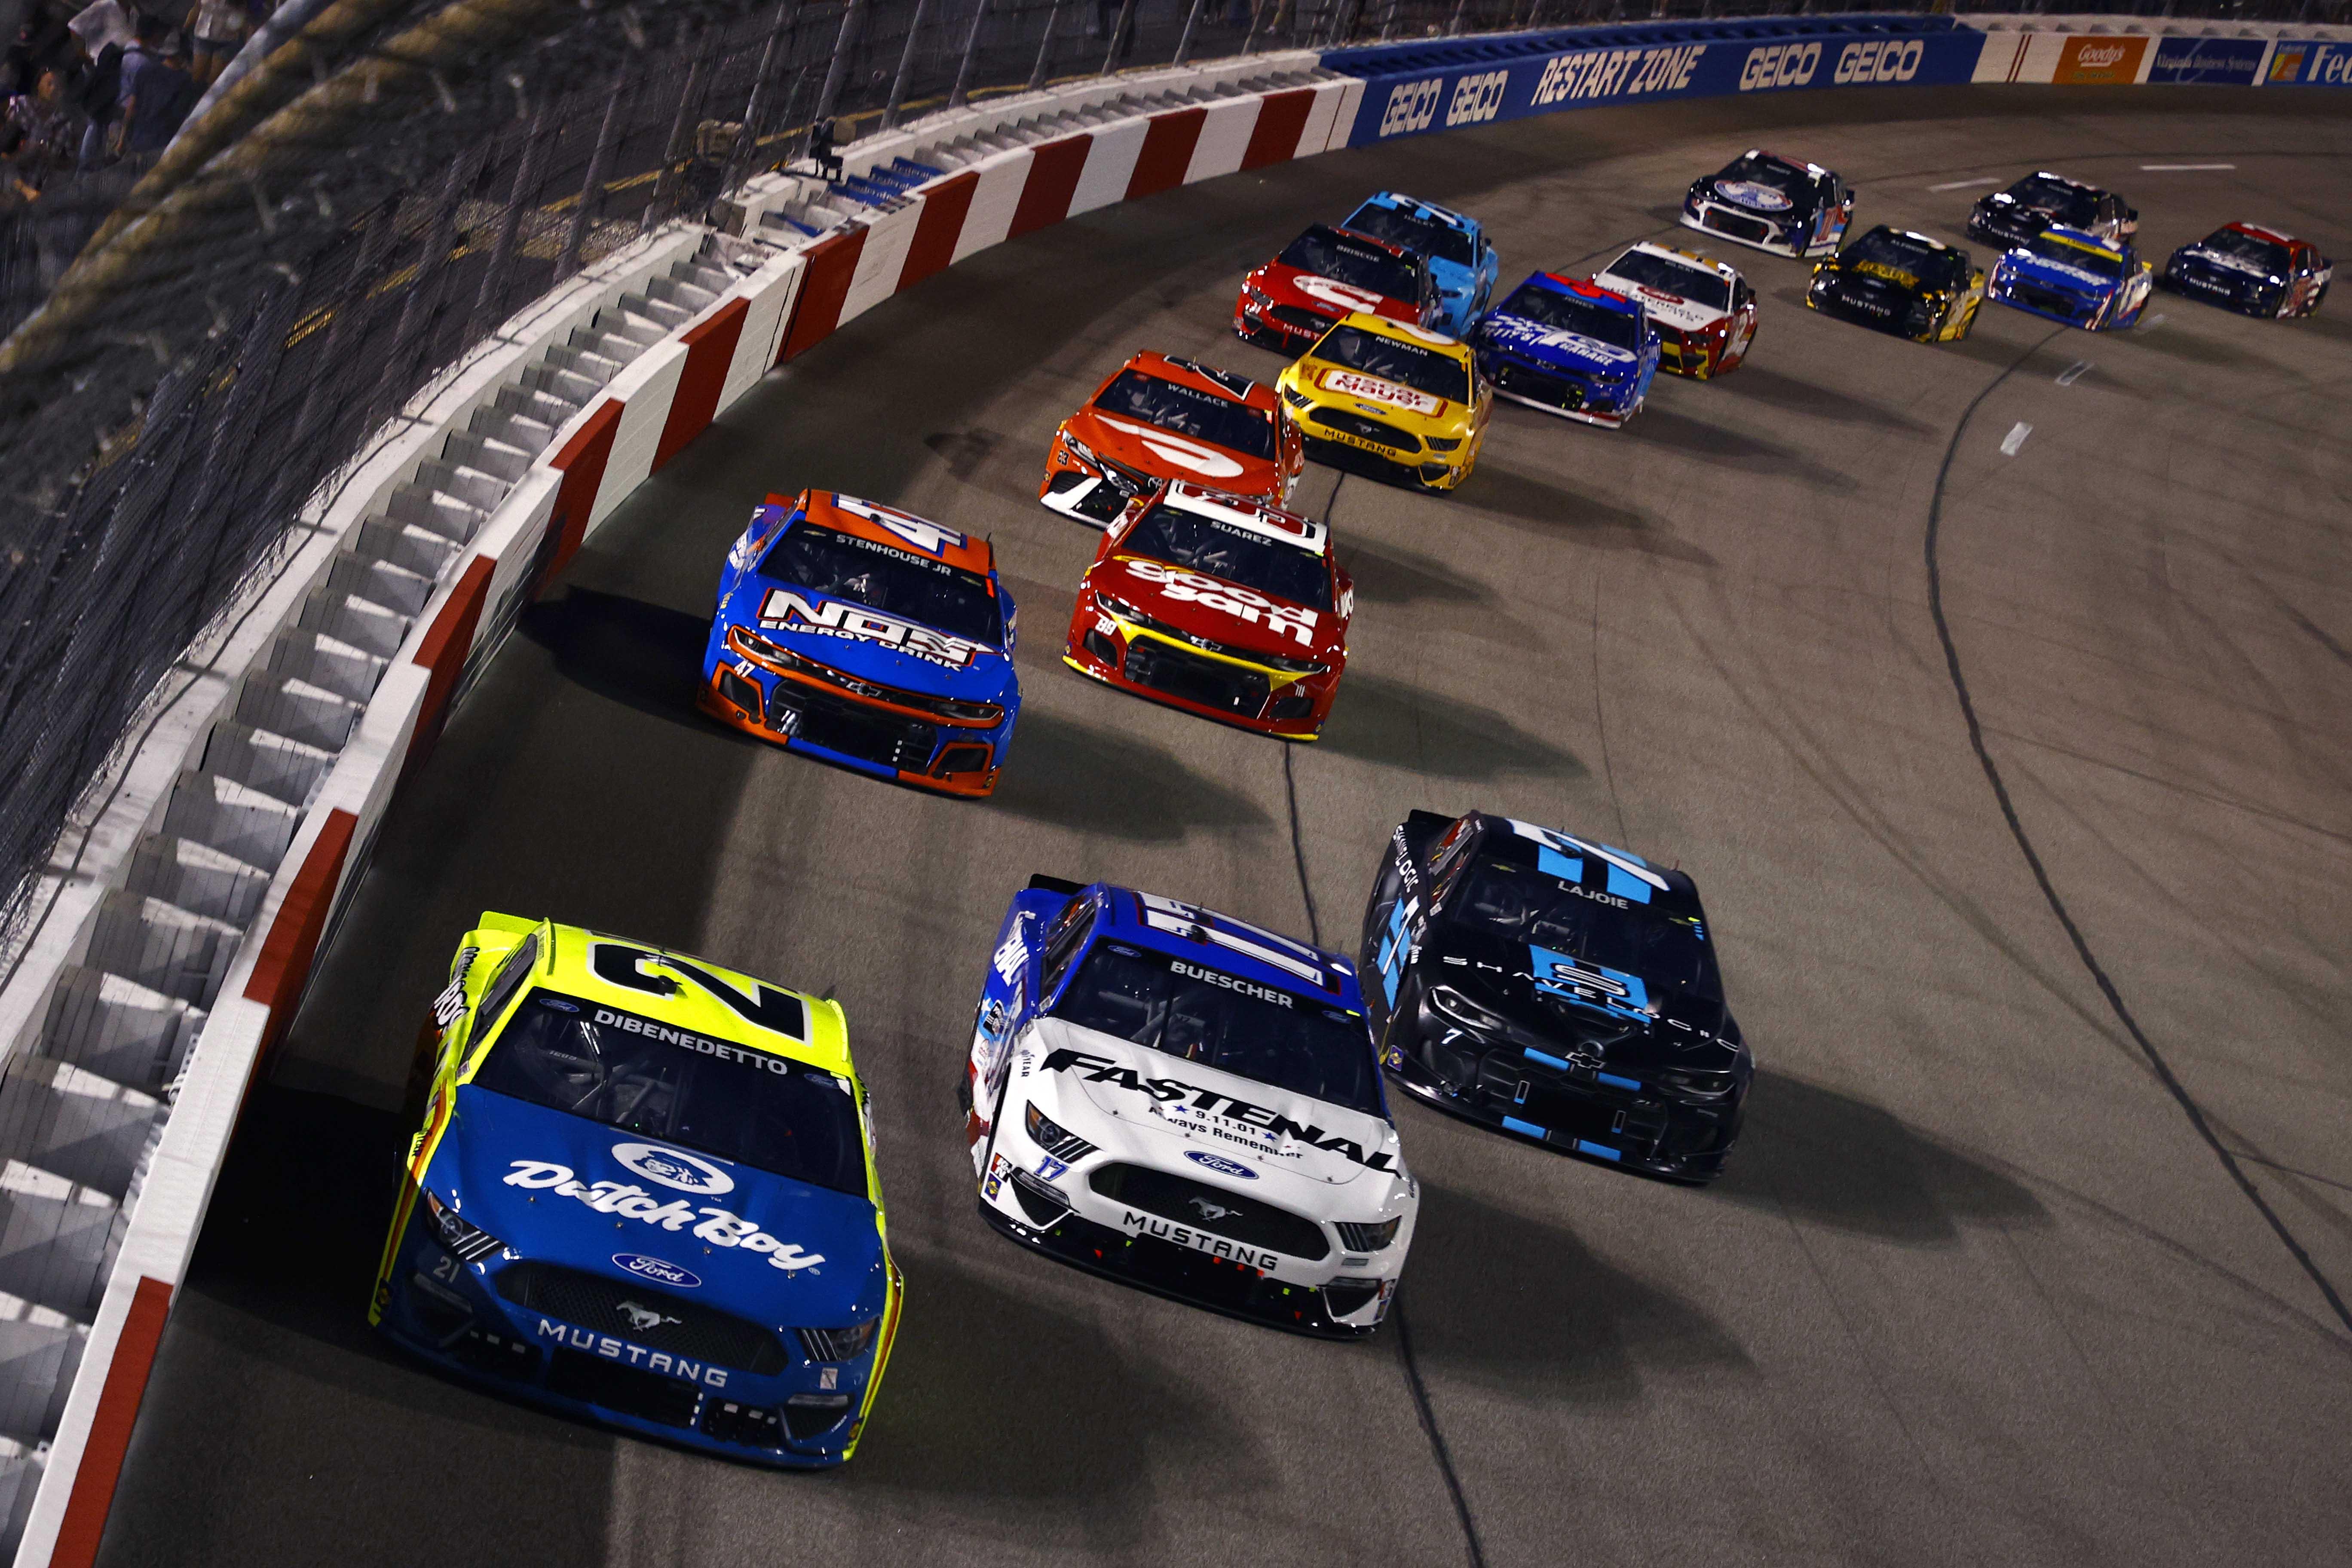 Matt DiBenedetto, Chris Buescher, Corey LaJoie, Ricky Stenhouse Jr - Richmond Raceway - NASCAR Cup Series